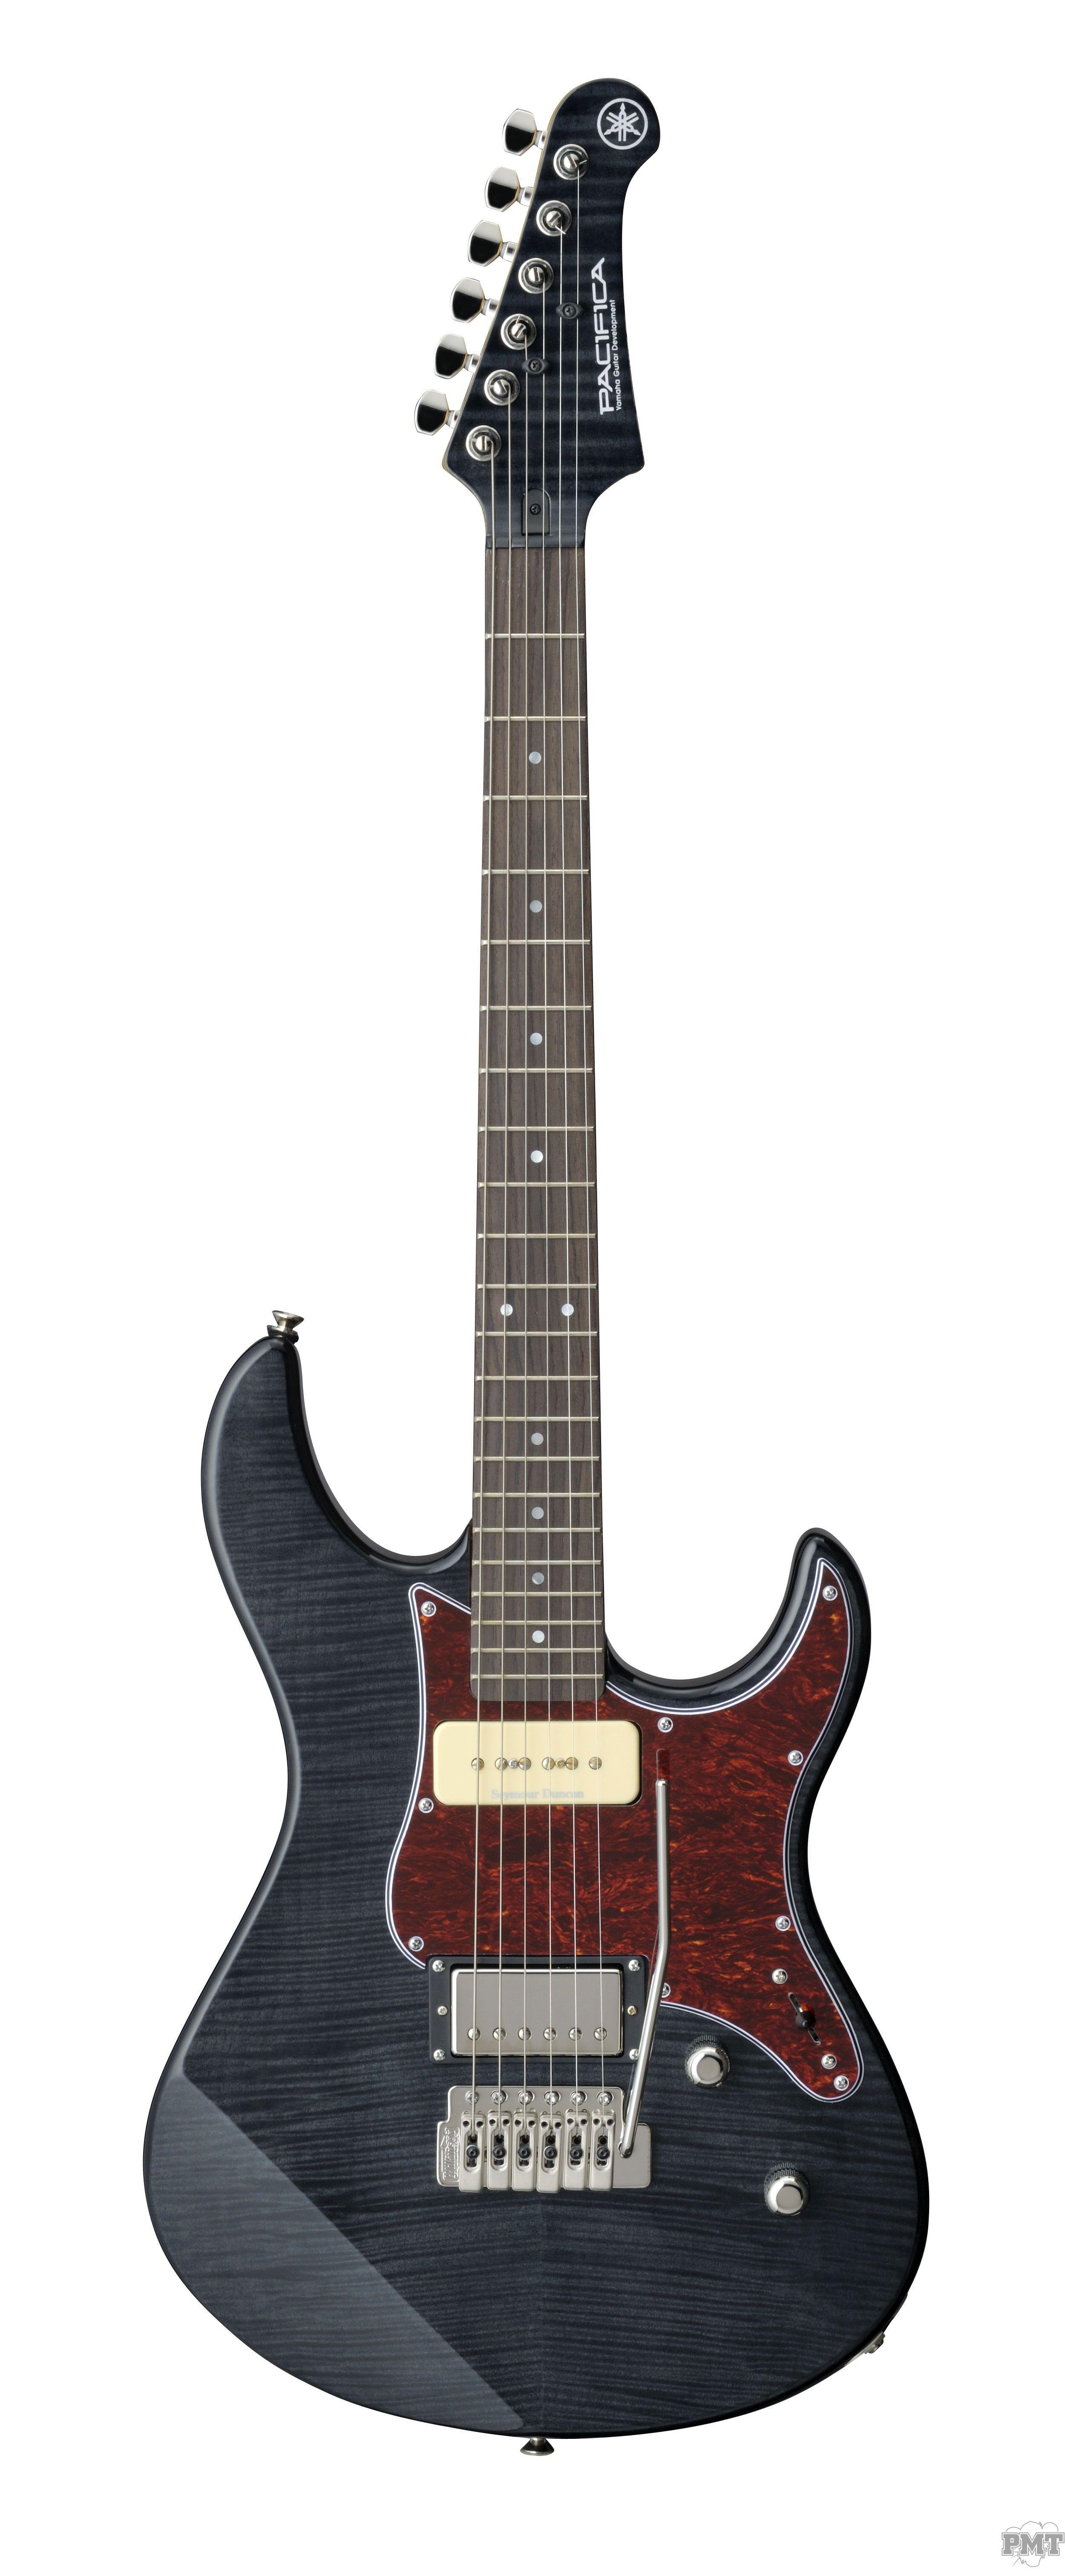 Yamaha Pacifica 611 Vfm Electric Guitar In Translucent Black Guitarras Eletricas Guitarras Instrumentos Musicais